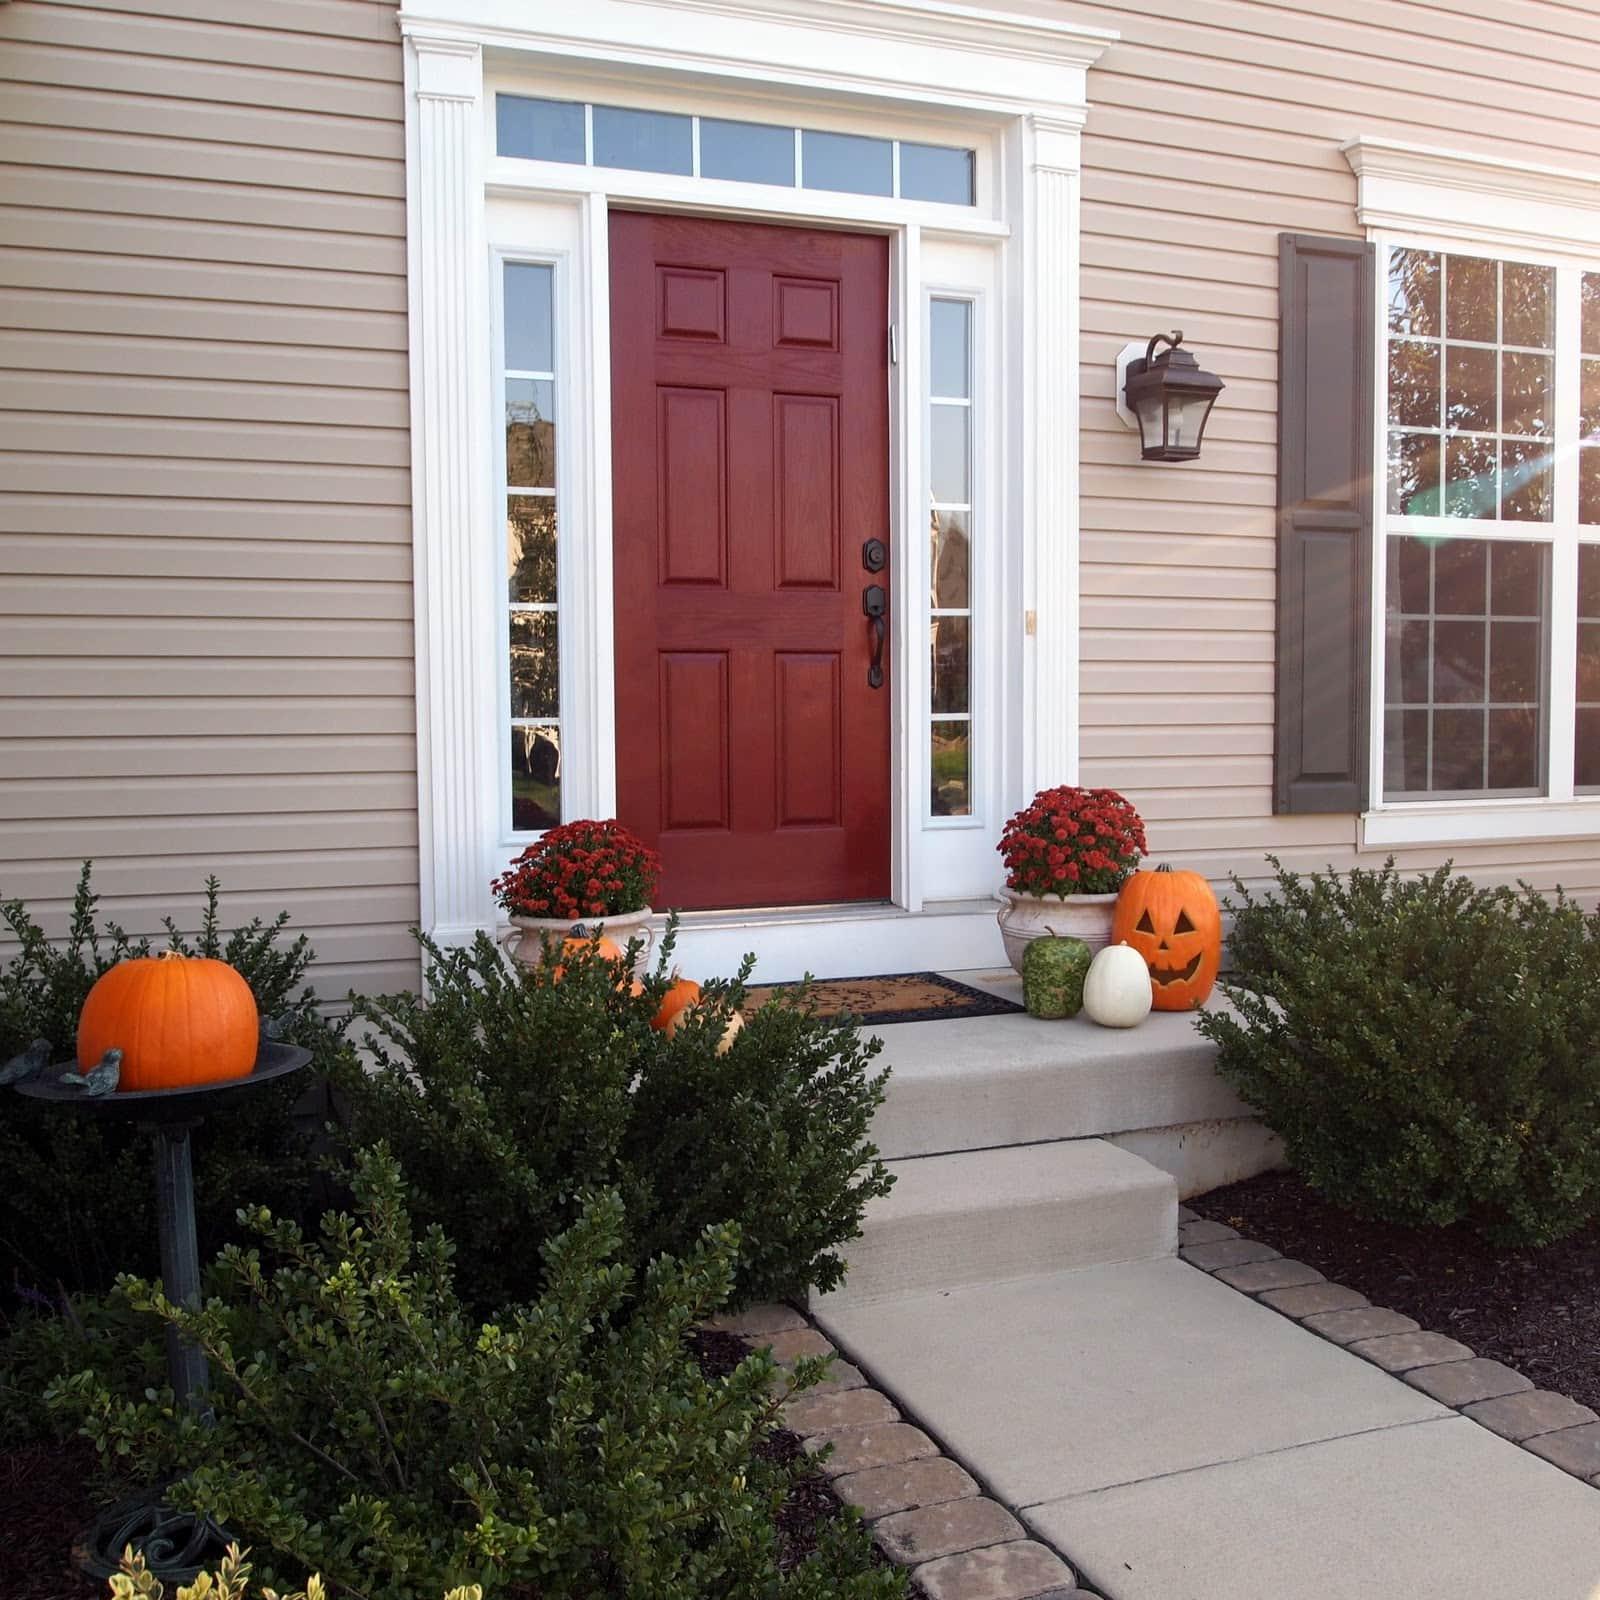 Benjamin Moore Sundried Tomato front door paint color